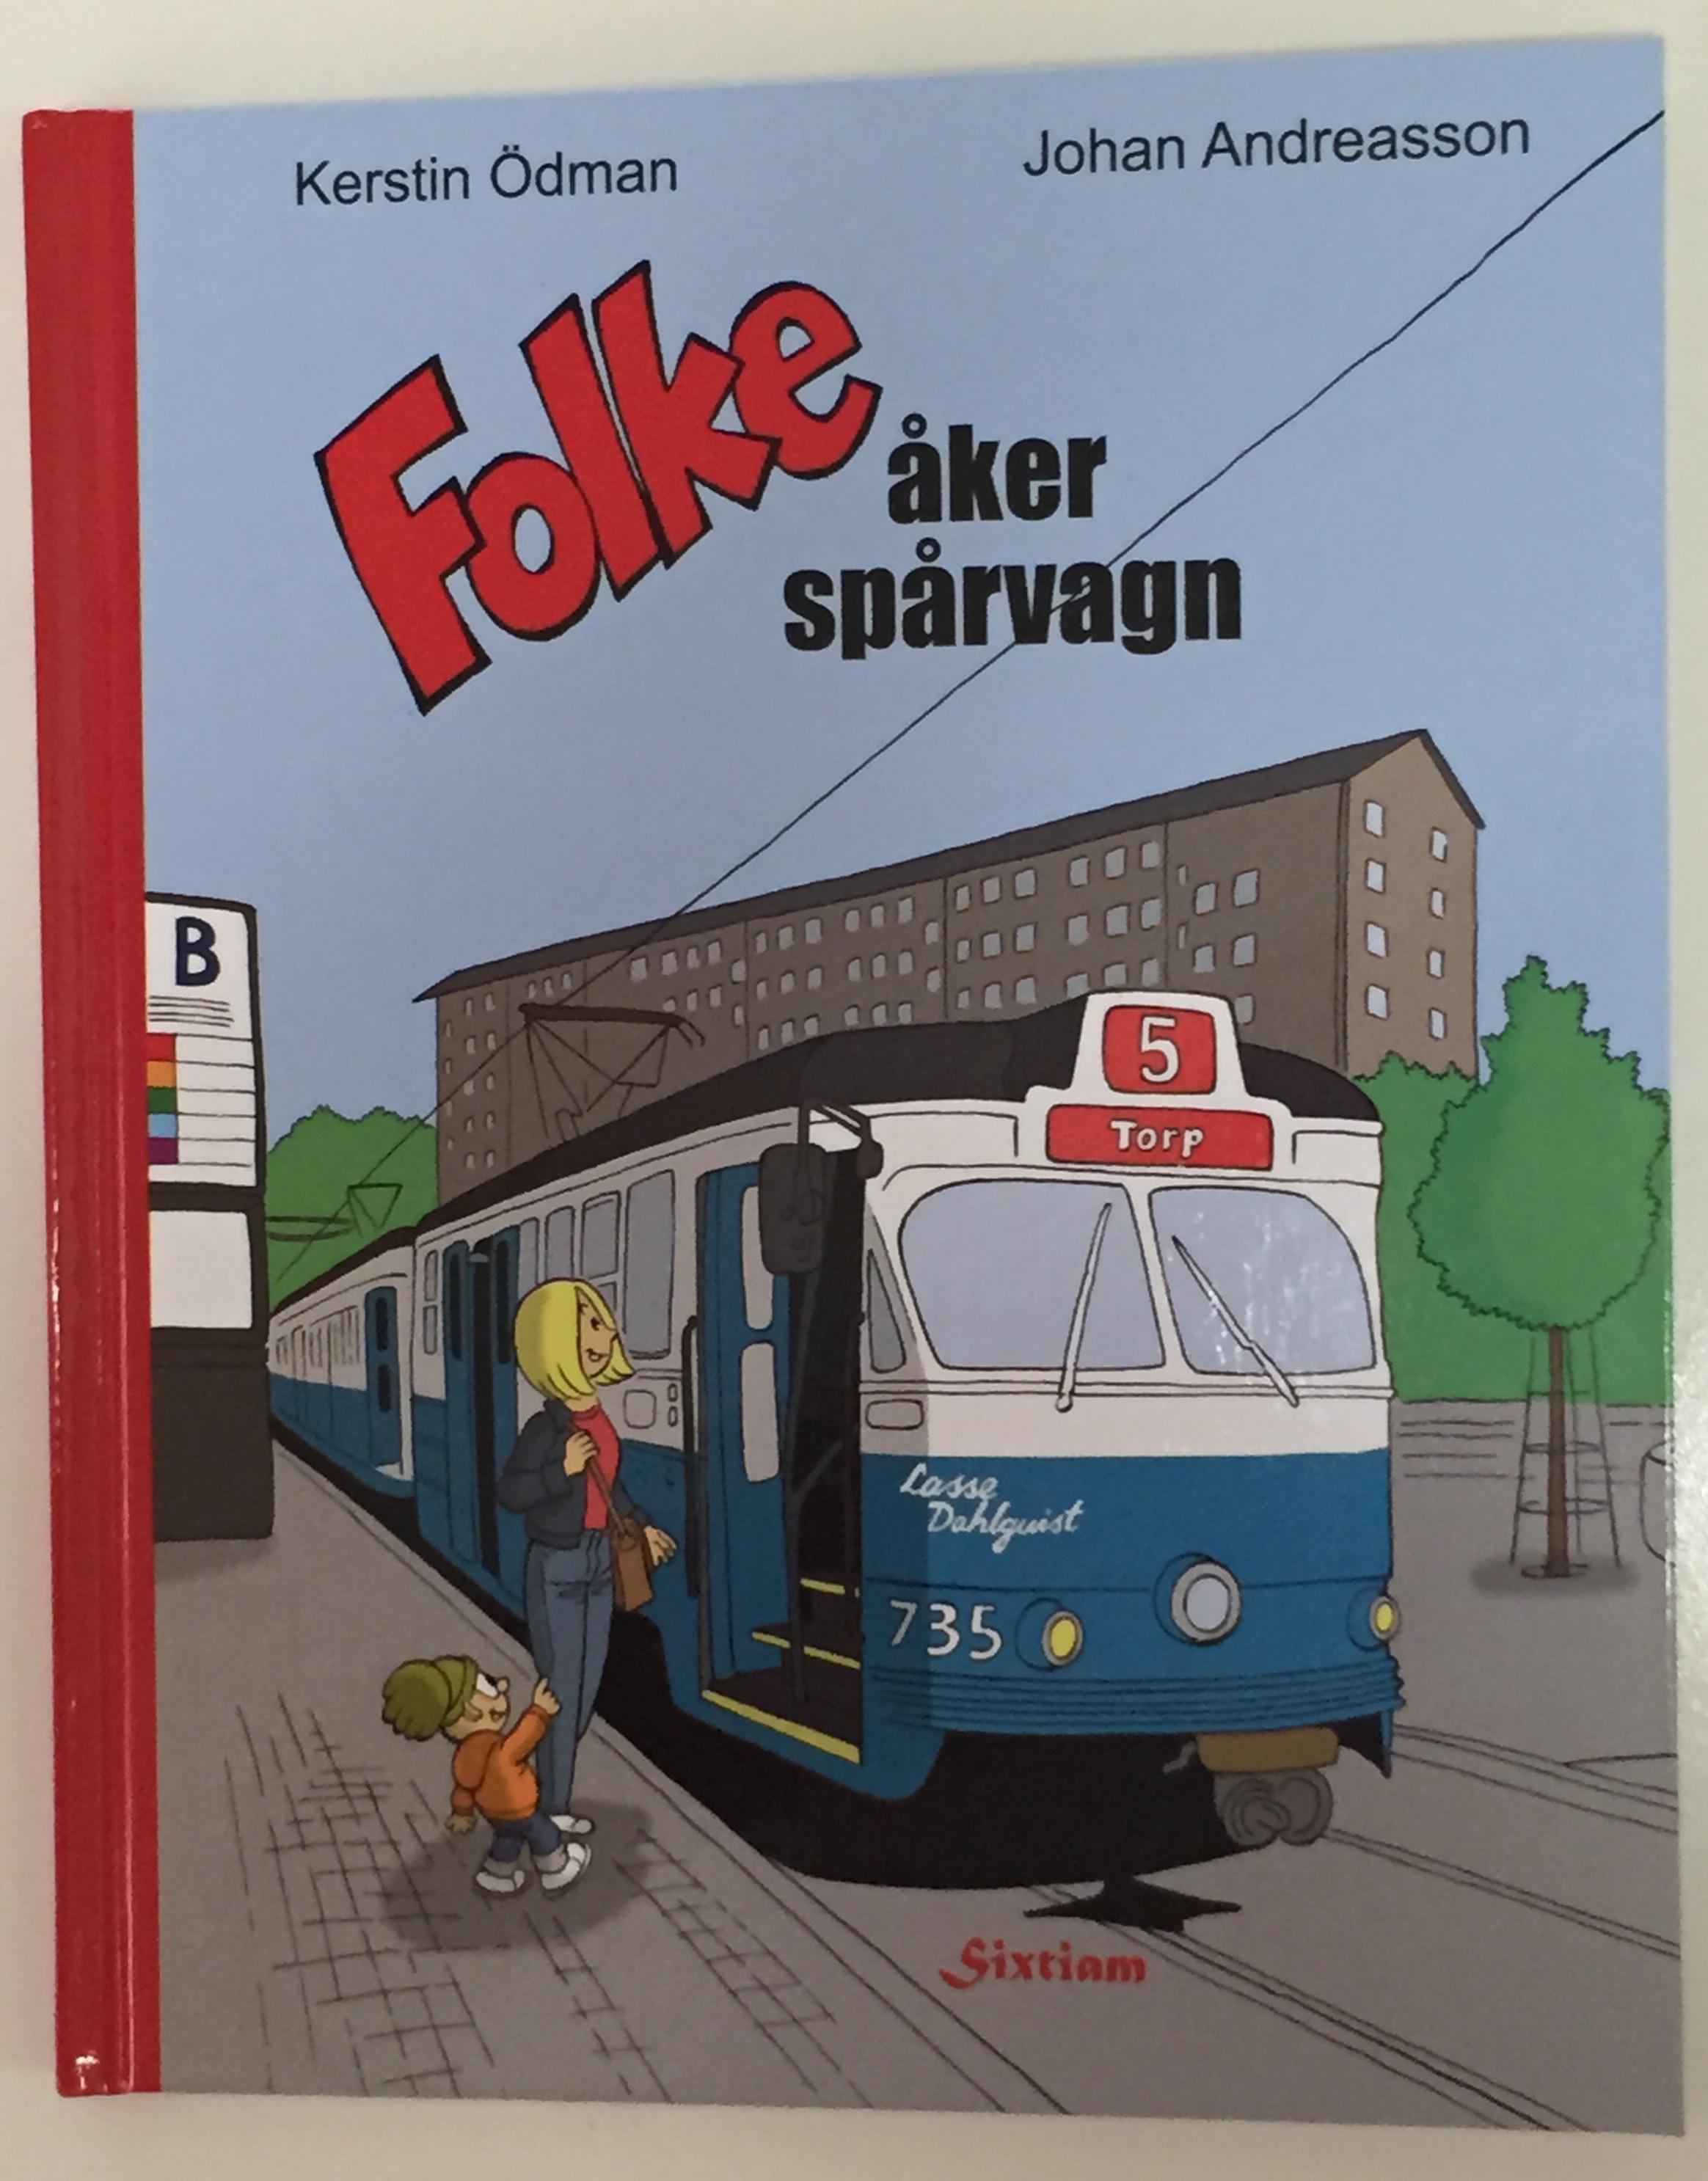 tram book